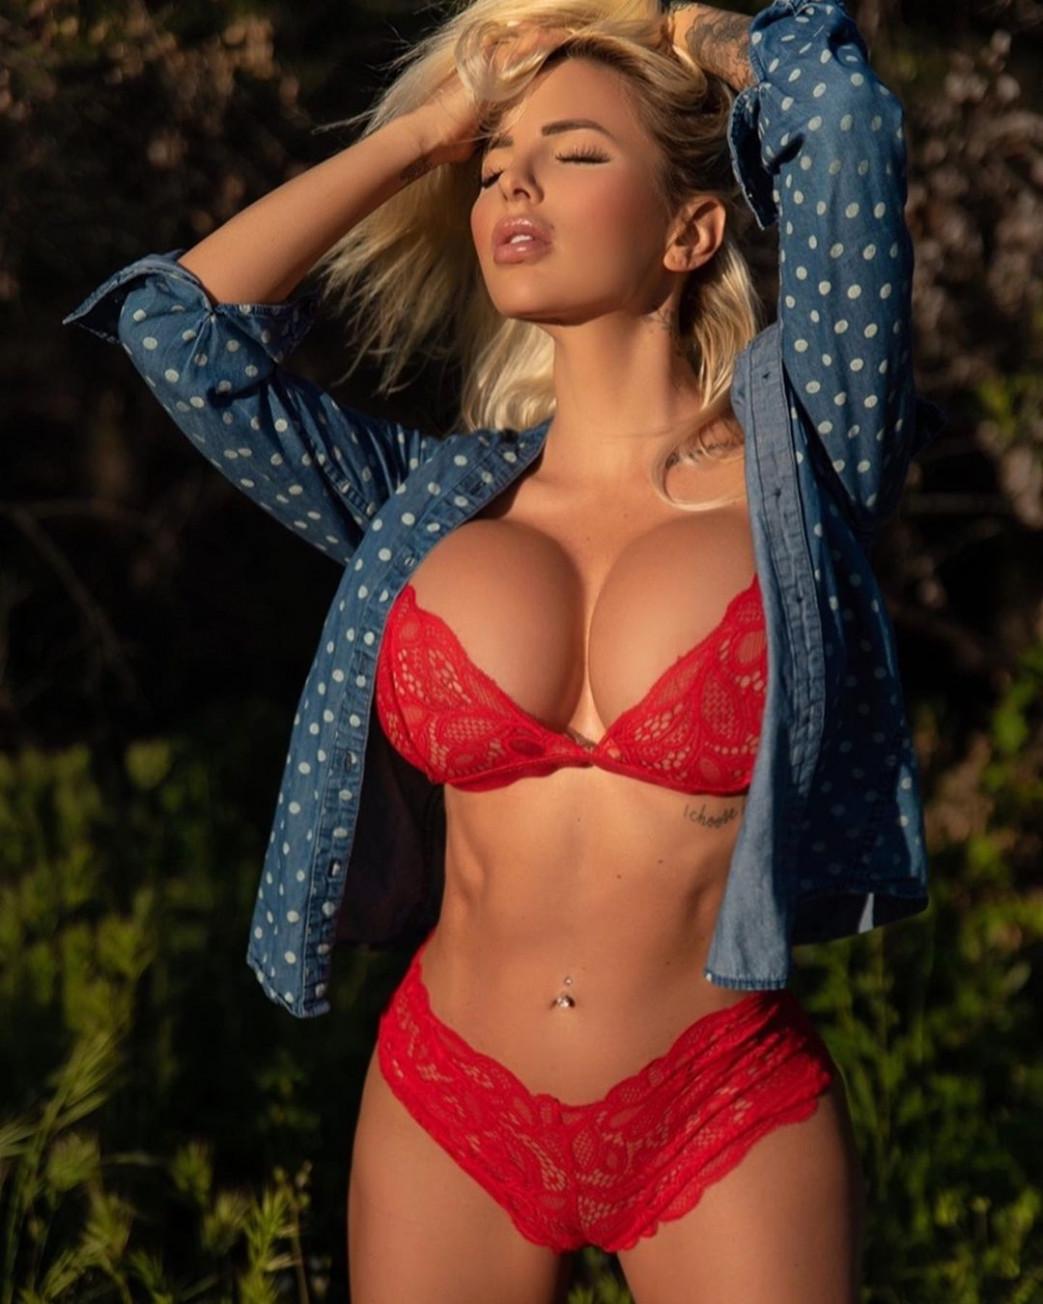 Jessica-Weaver-Huge-Tits-Cleavage-Underboobs-87.jpg